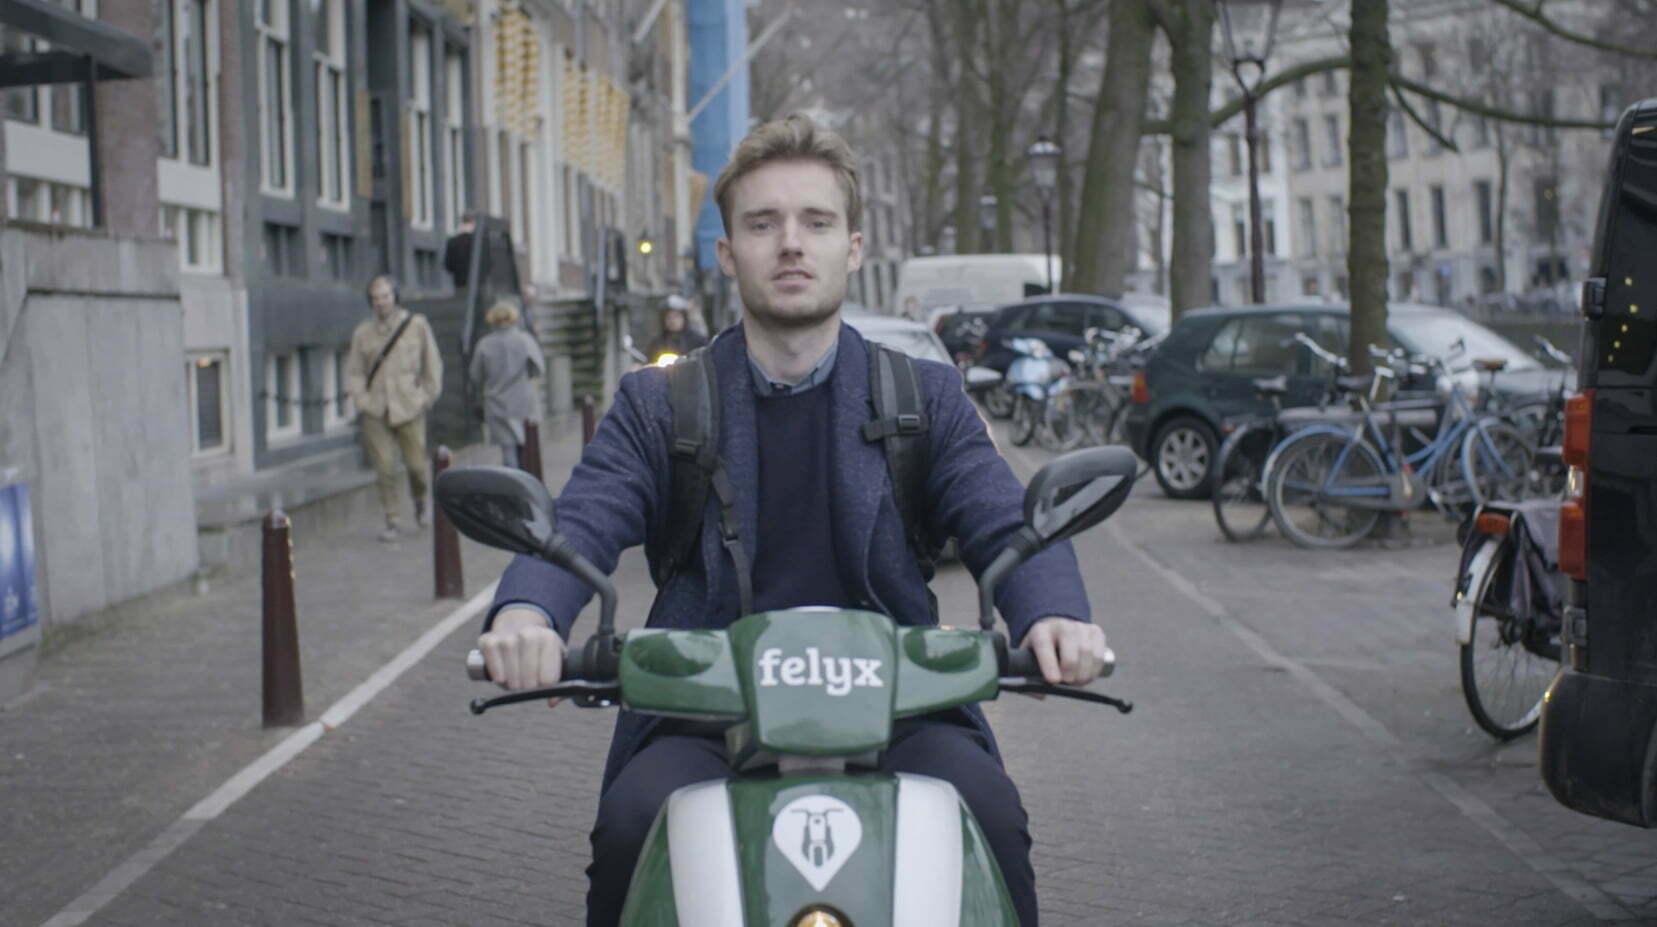 Jonge ondernemers brengen elektrische deelscooters naar grote steden